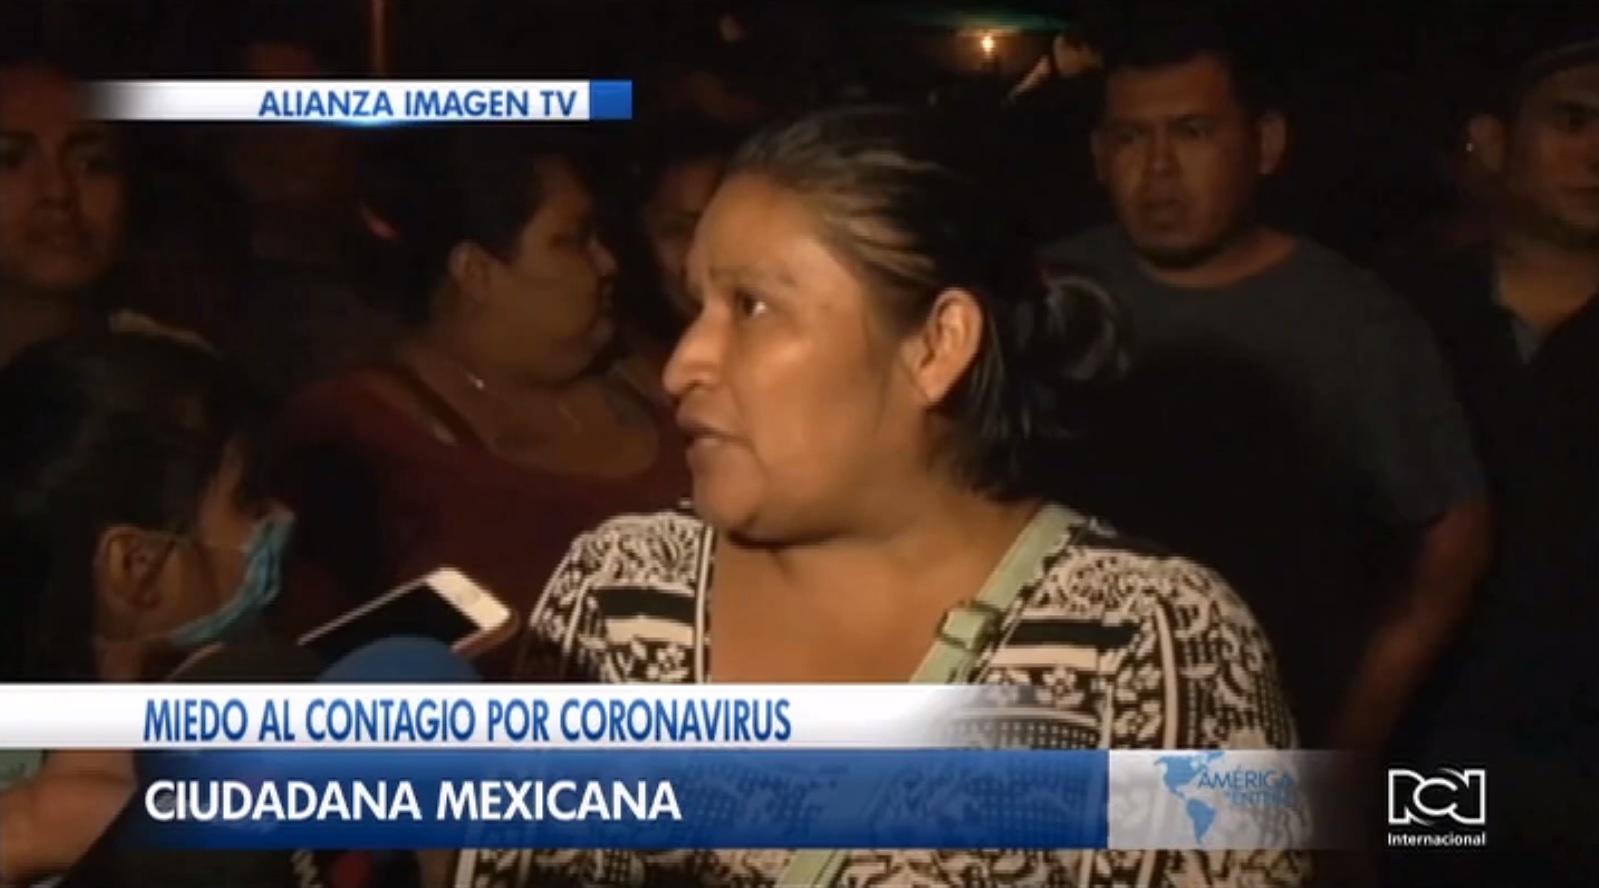 Presión de padres de familia obliga a poner en cuarentena a una maestra en México por coronavirus